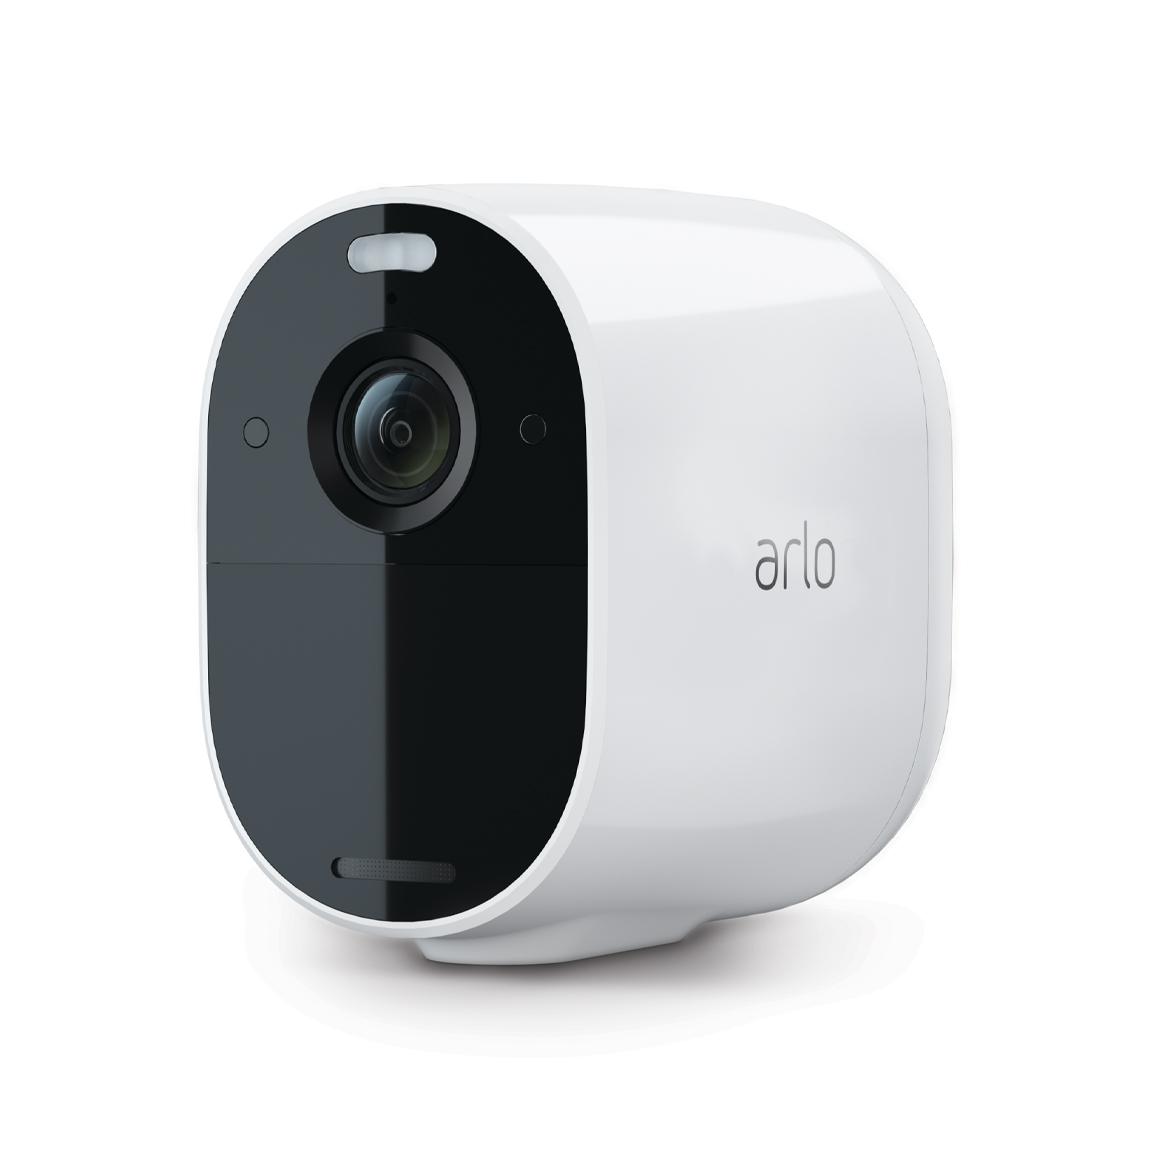 Met de arlo vmc2030 essential spotlight camera beveilig je je buitenruimte dag en nacht, het hele jaar door. ...